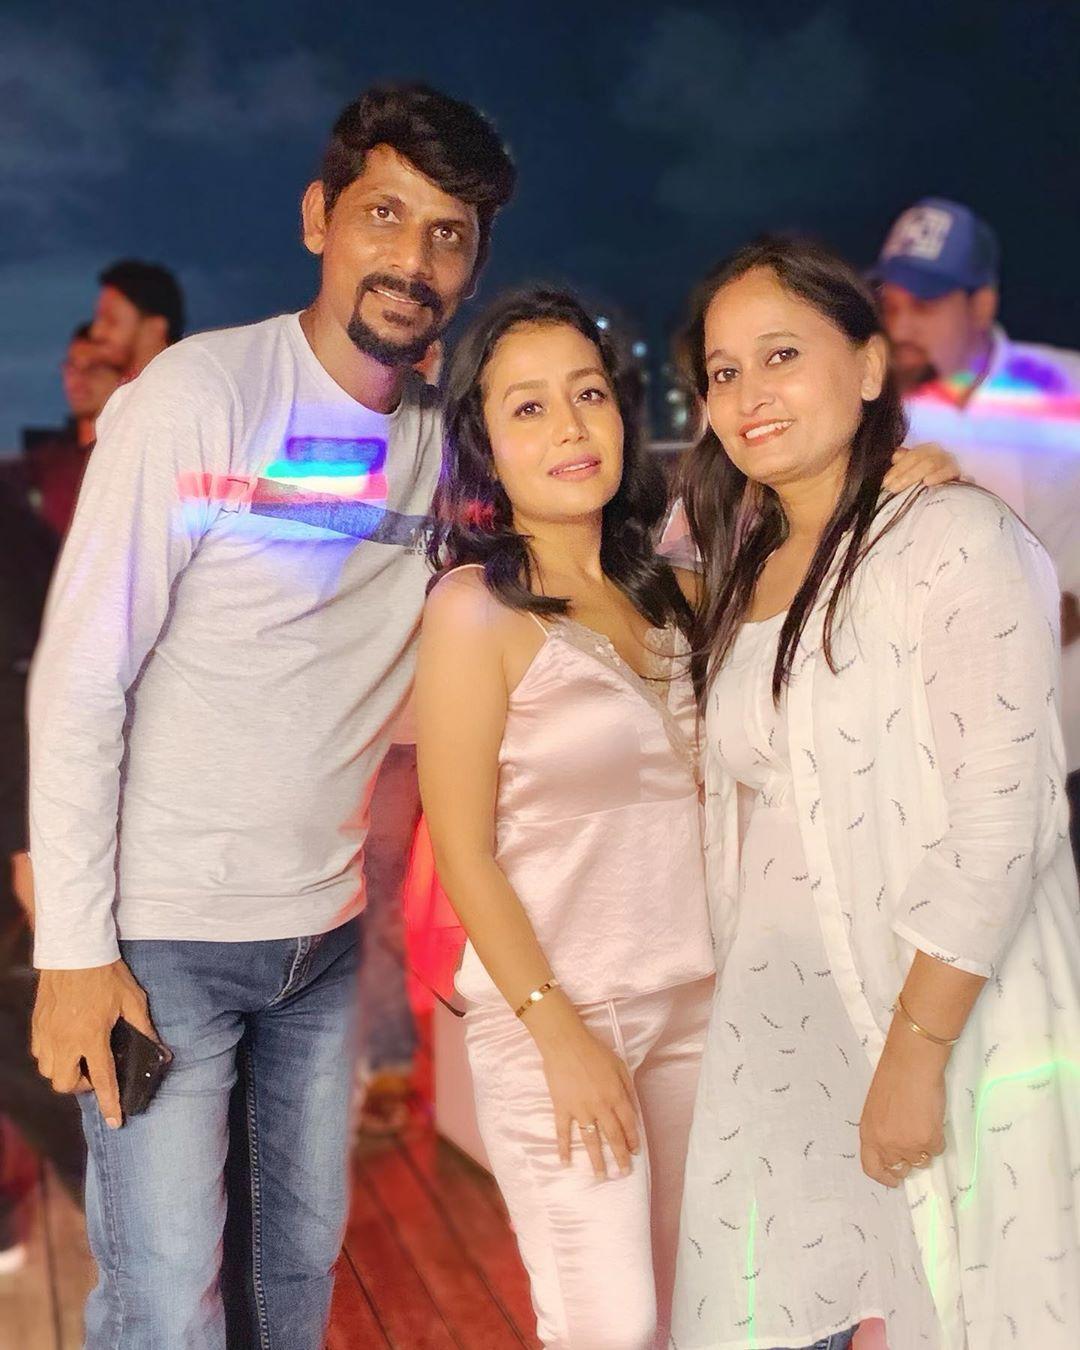 PunjabKesari, नेहा कक्कड़ इमेज, नेहा कक्कड़ फोटो, नेहा कक्कड़ पिक्चर